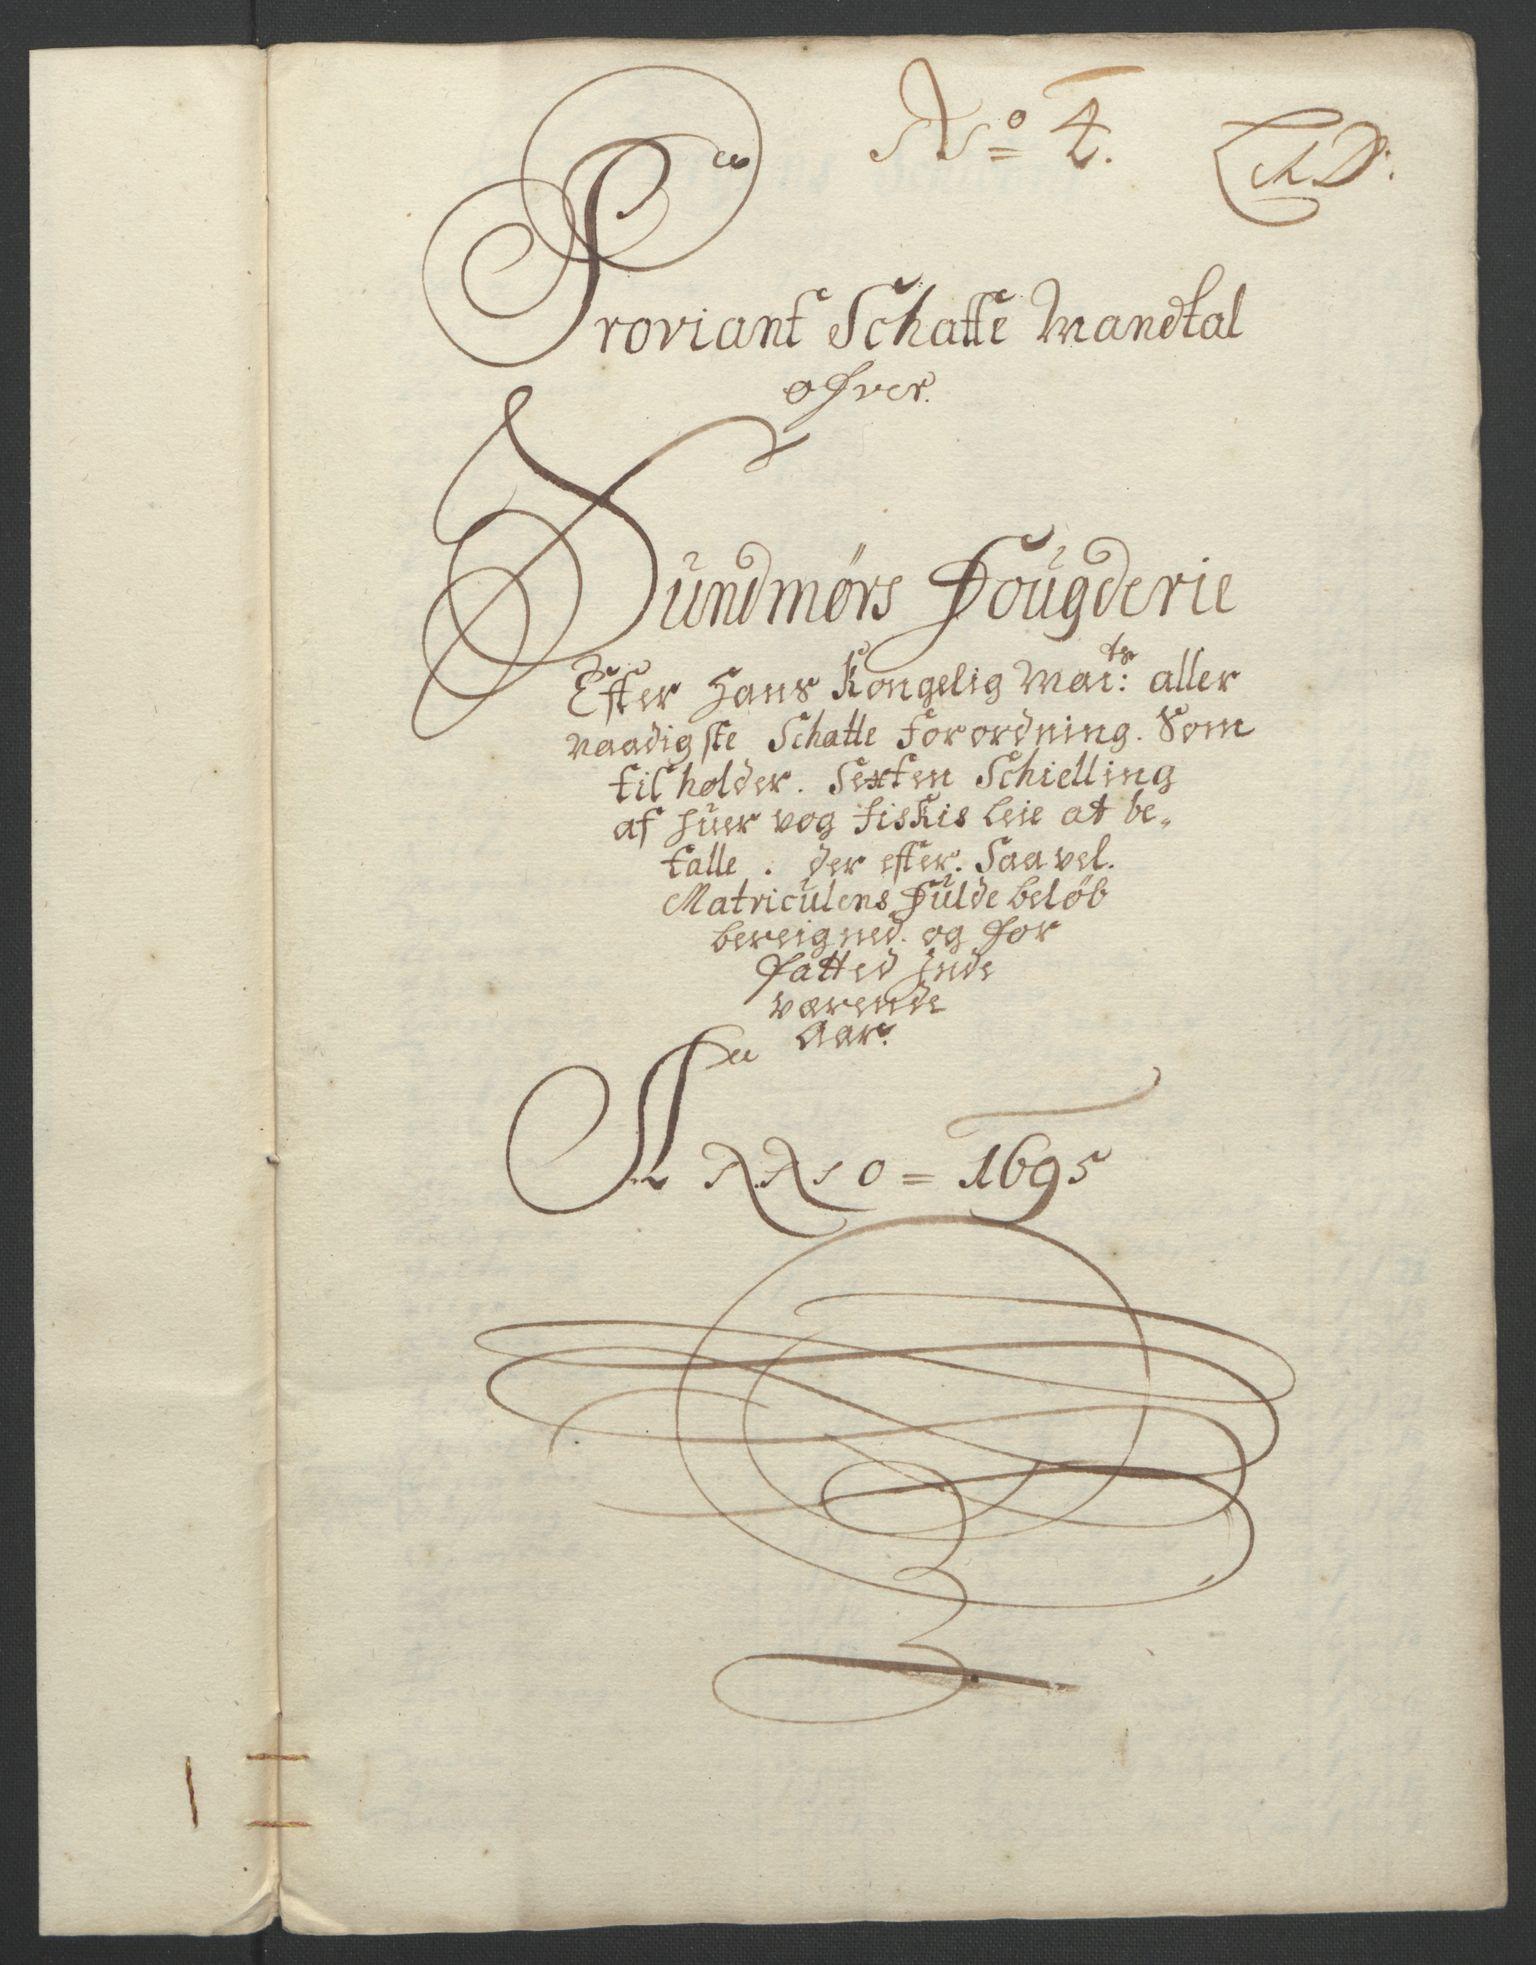 RA, Rentekammeret inntil 1814, Reviderte regnskaper, Fogderegnskap, R54/L3555: Fogderegnskap Sunnmøre, 1694-1695, s. 257